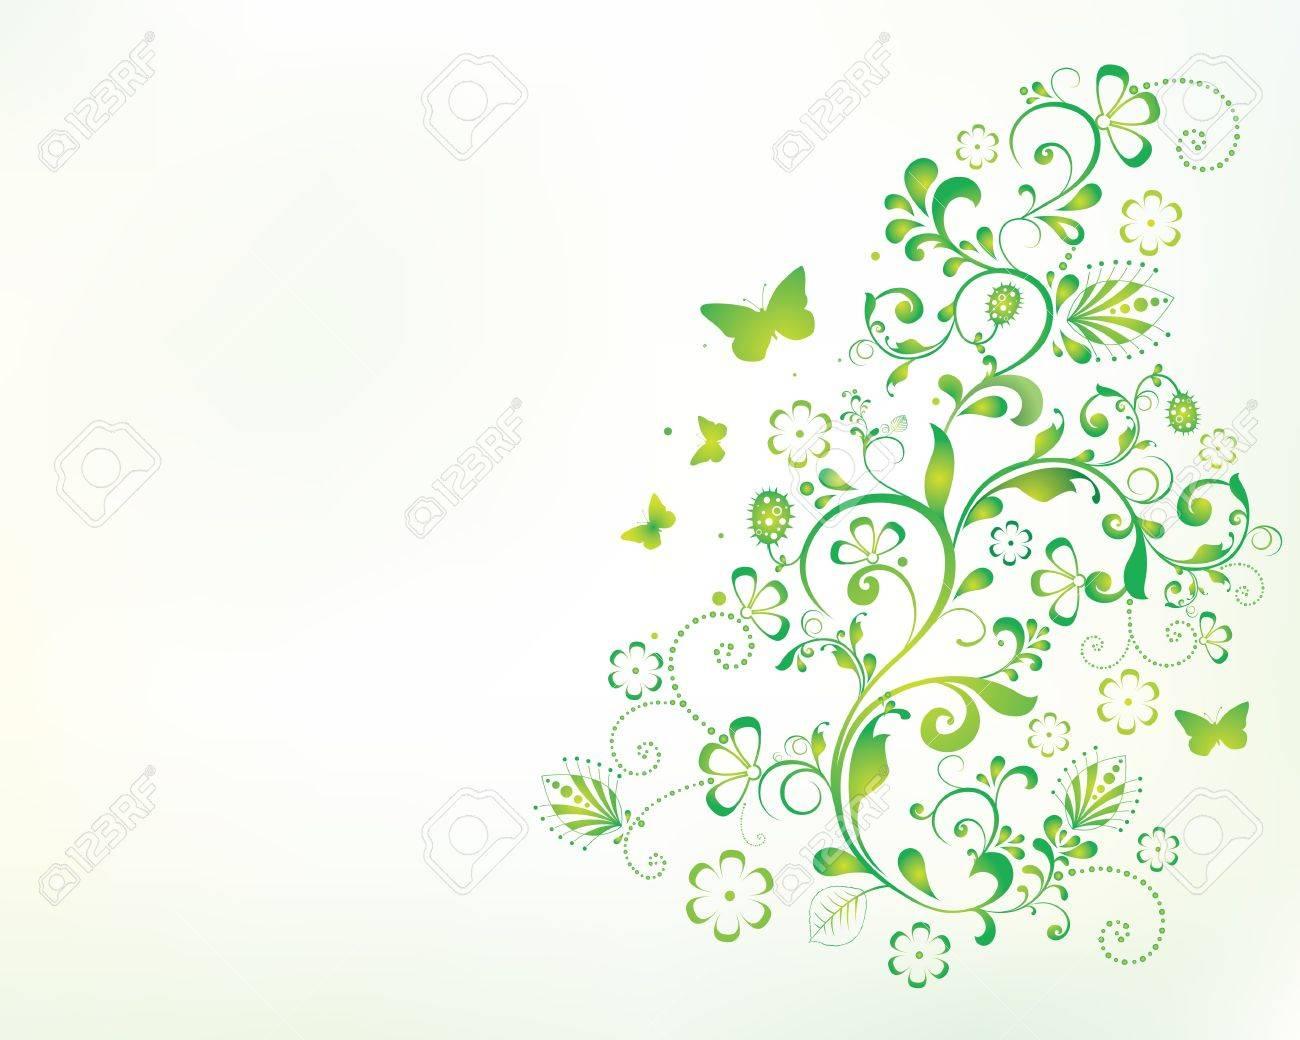 美しい花の背景イラストですのイラスト素材ベクタ Image 17753414